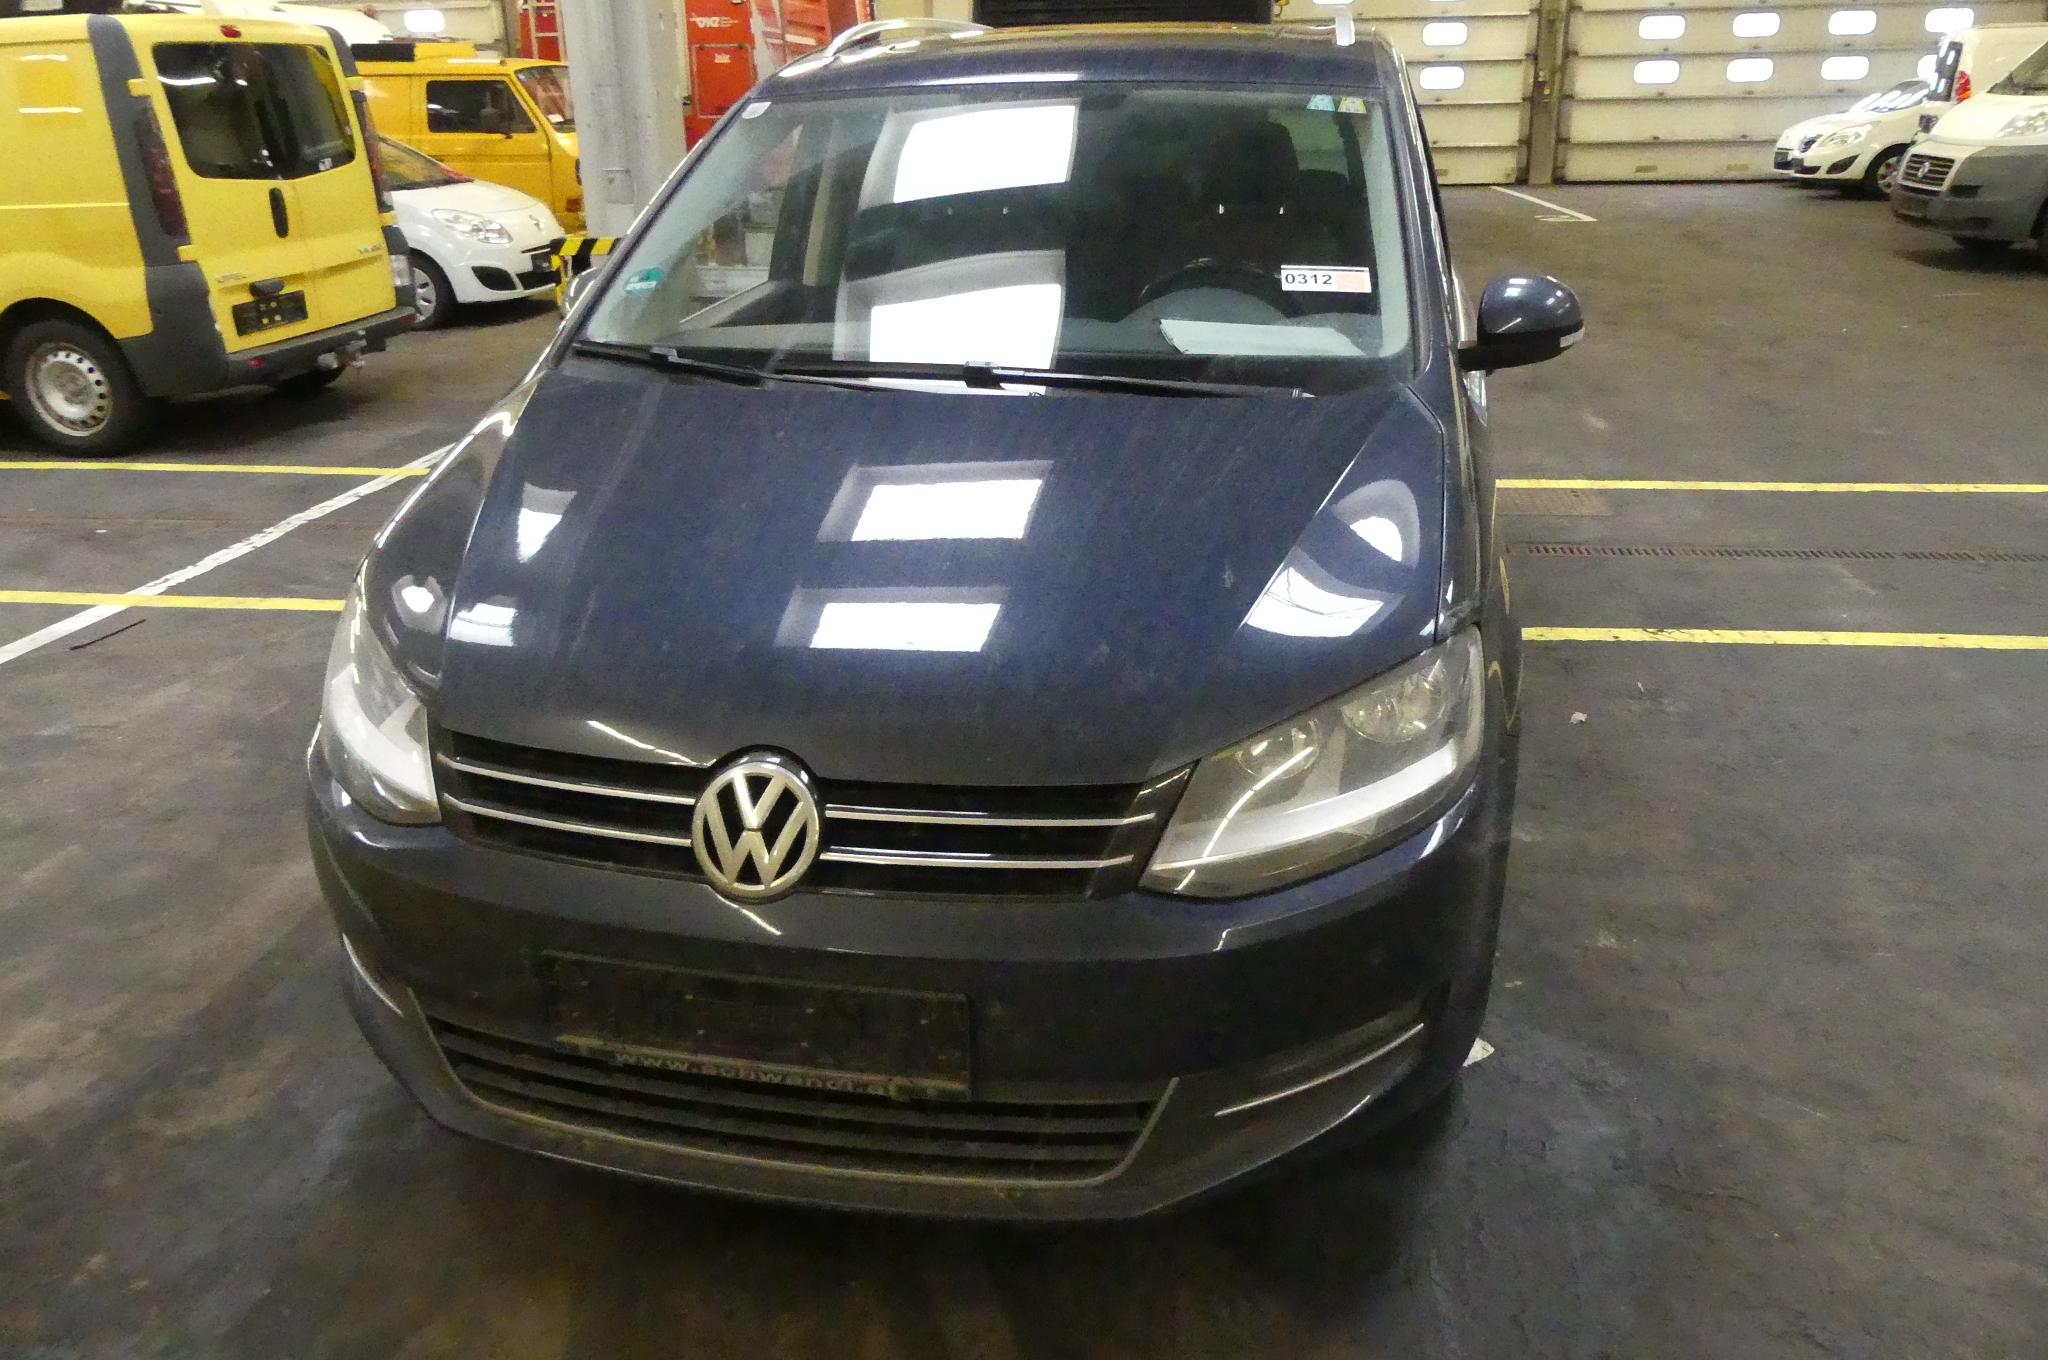 PKW (M1) VW Sharan